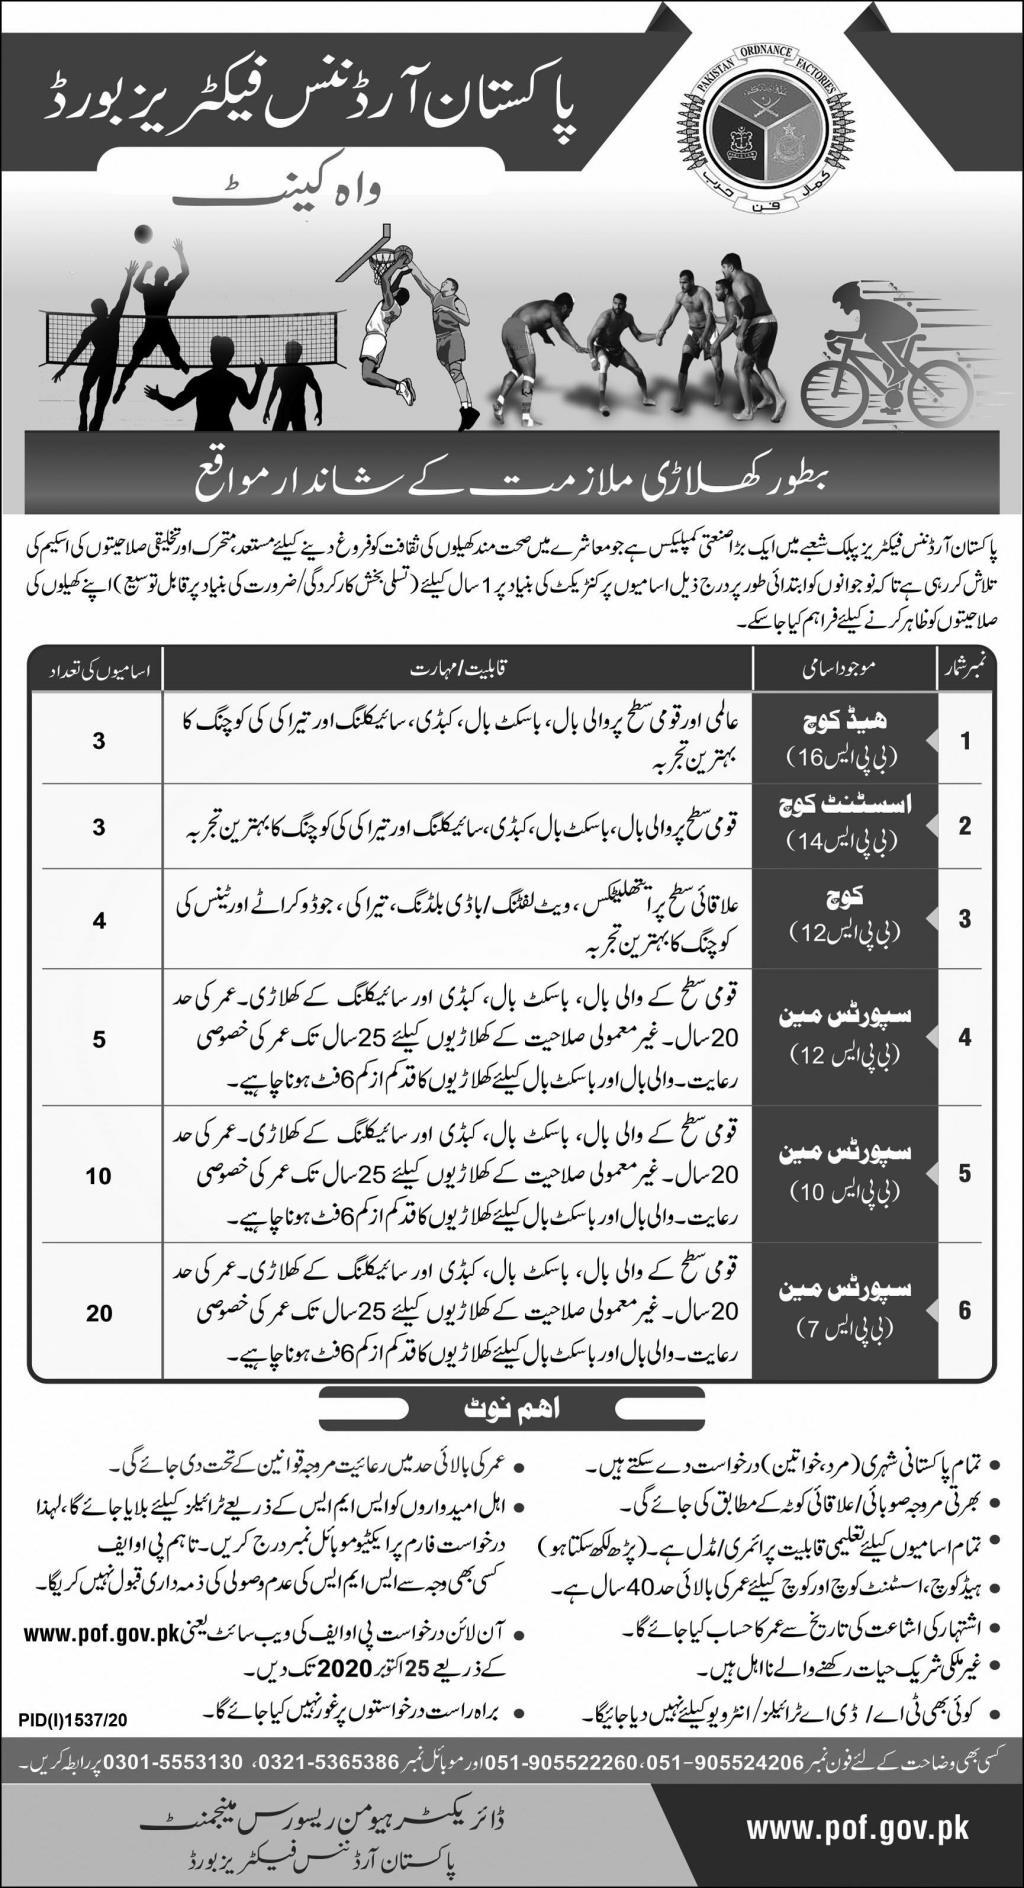 Pakistan Ordnance Factories Board Jobs 2020 in Wah Cantt